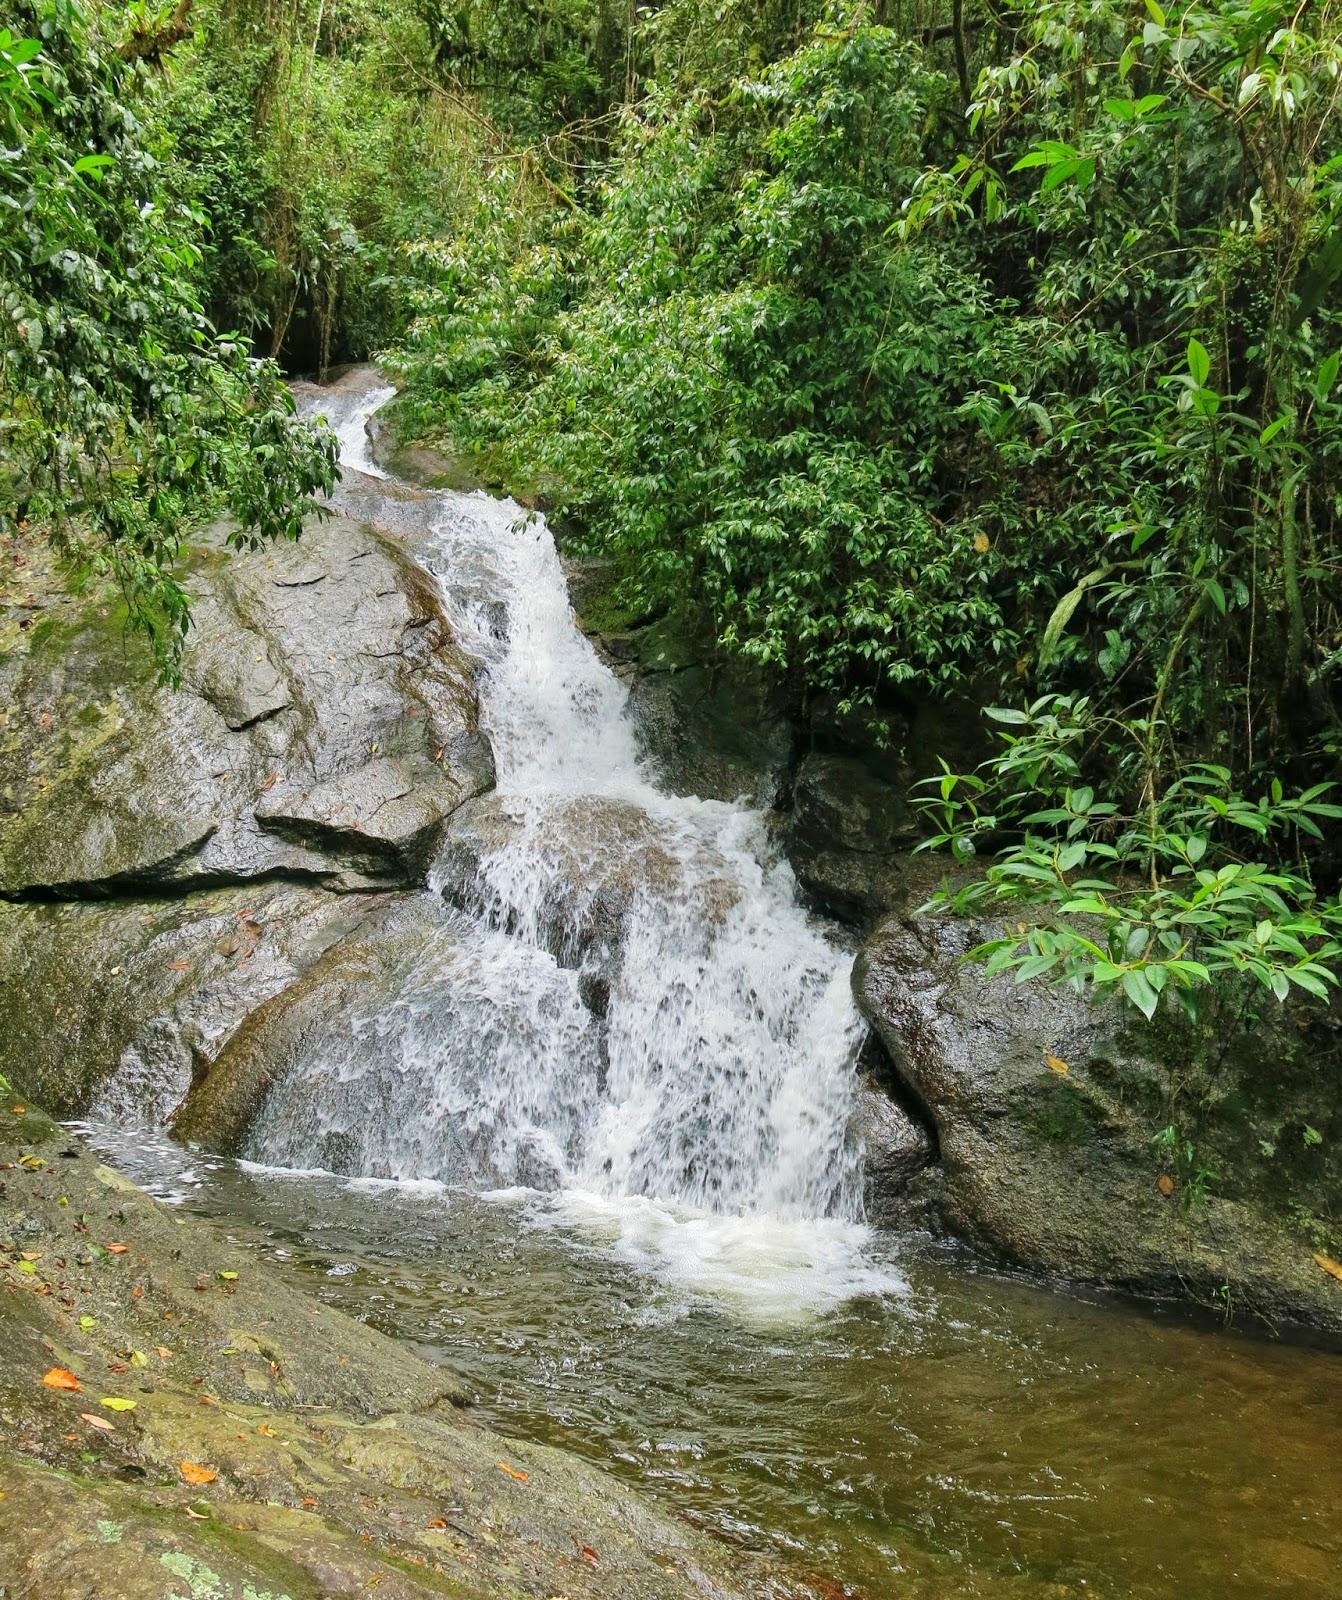 Cachoeira do Lajeado, no Vale do Alcantilado, em Visconde de Mauá.